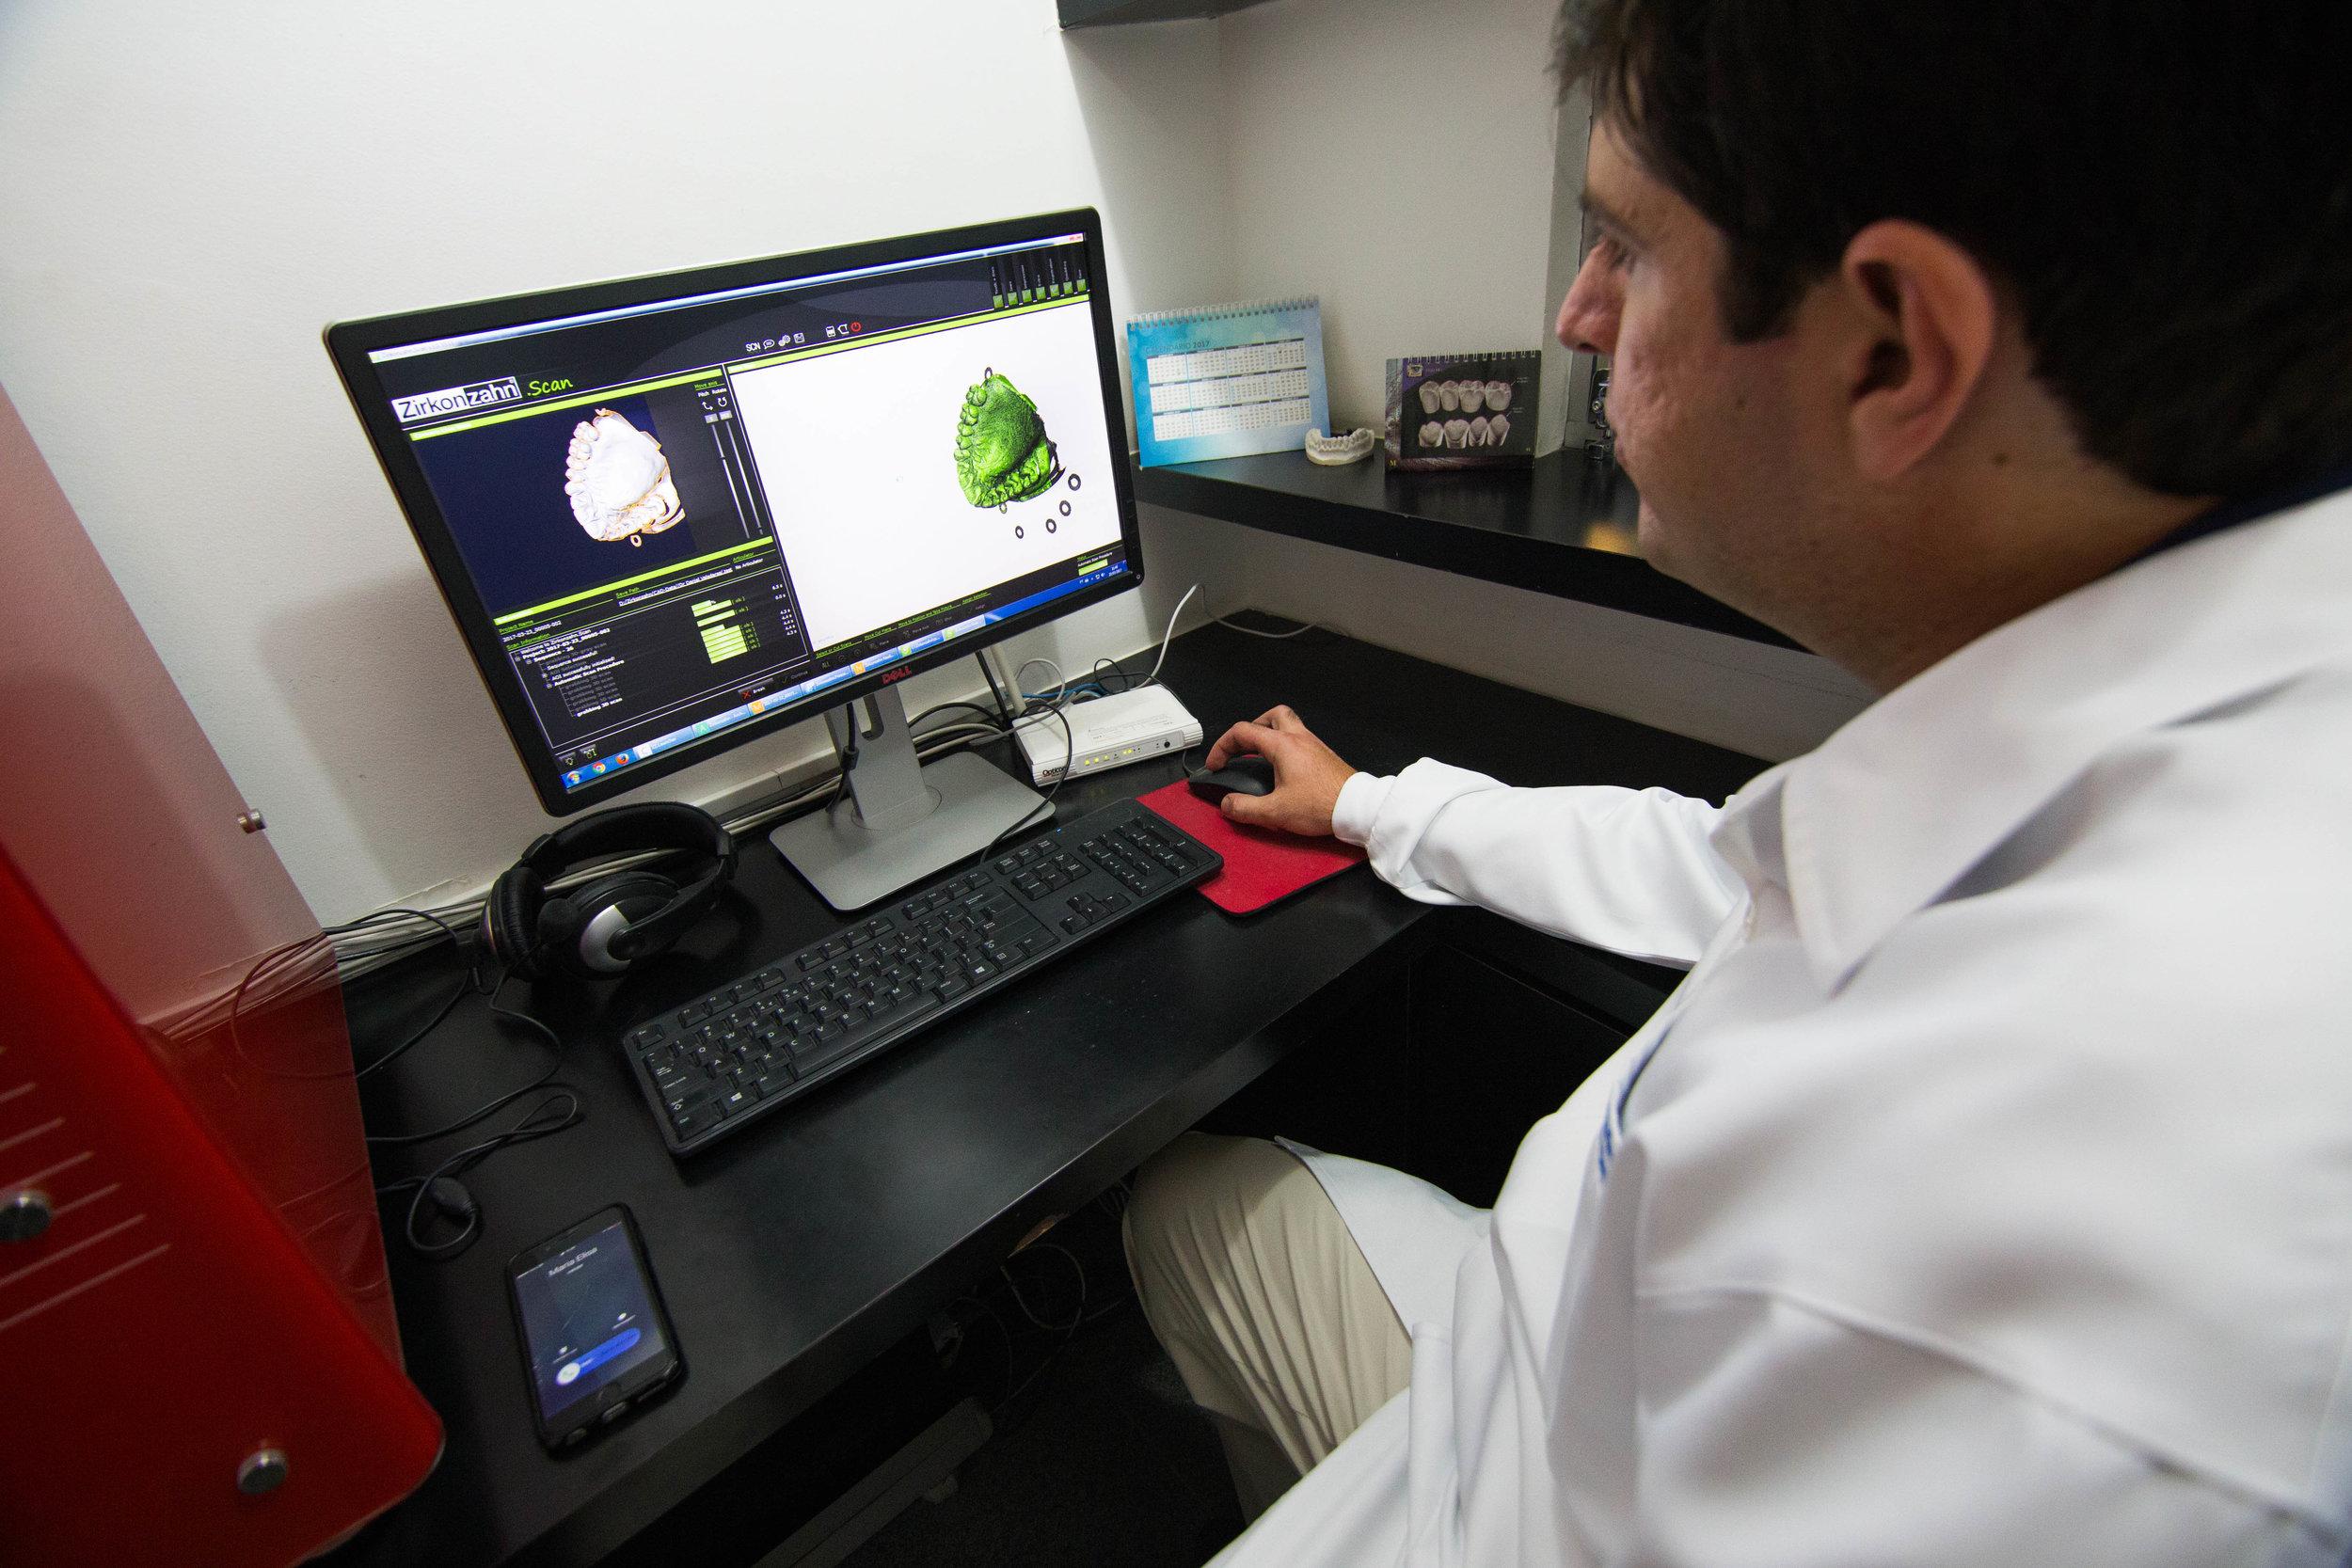 Dr. Vírgilio Guimarães